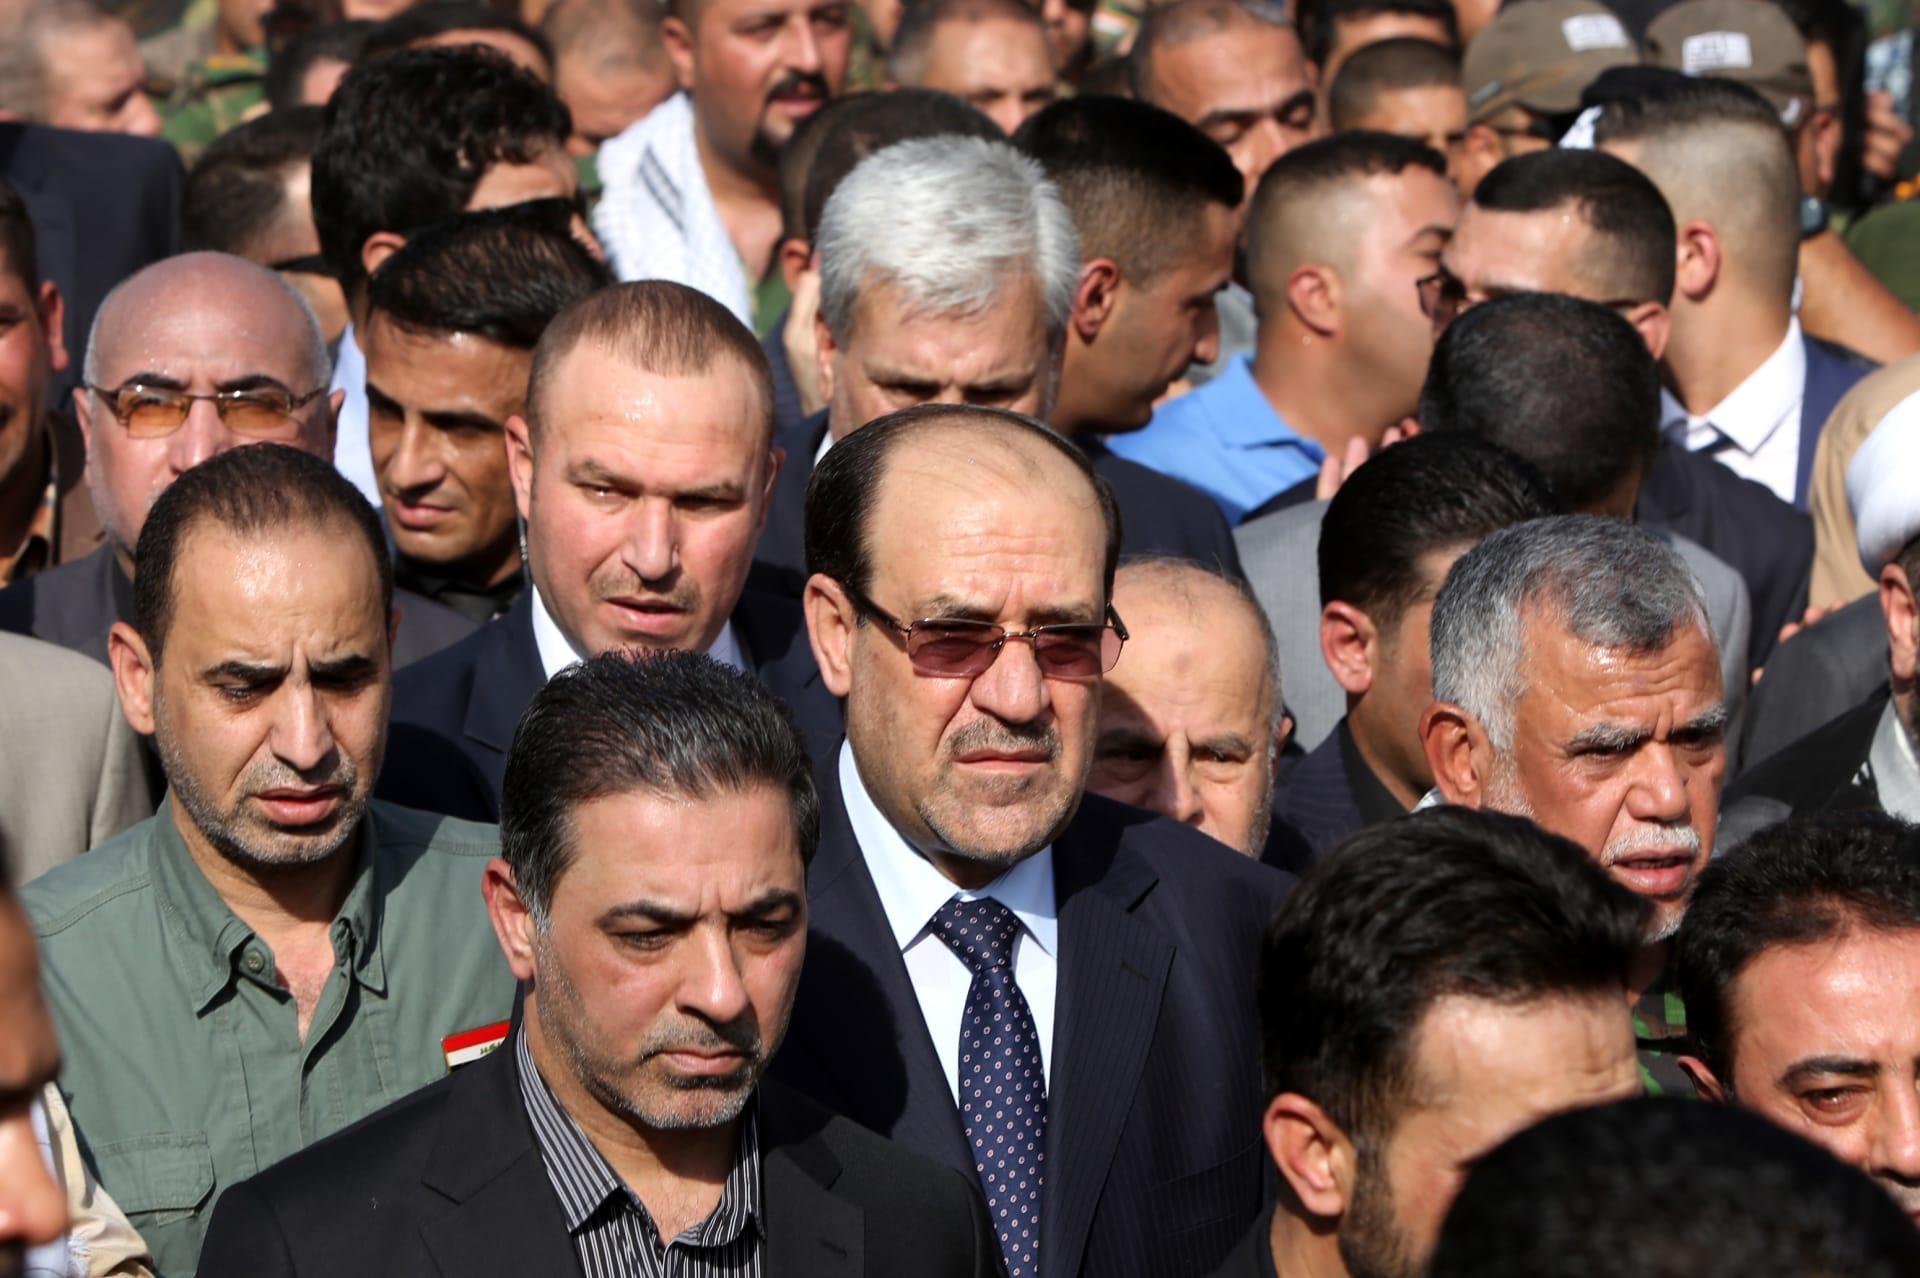 المالكي يهاجم السعودية من إيران: ما المانع من تقديم المساعدة للأسد؟